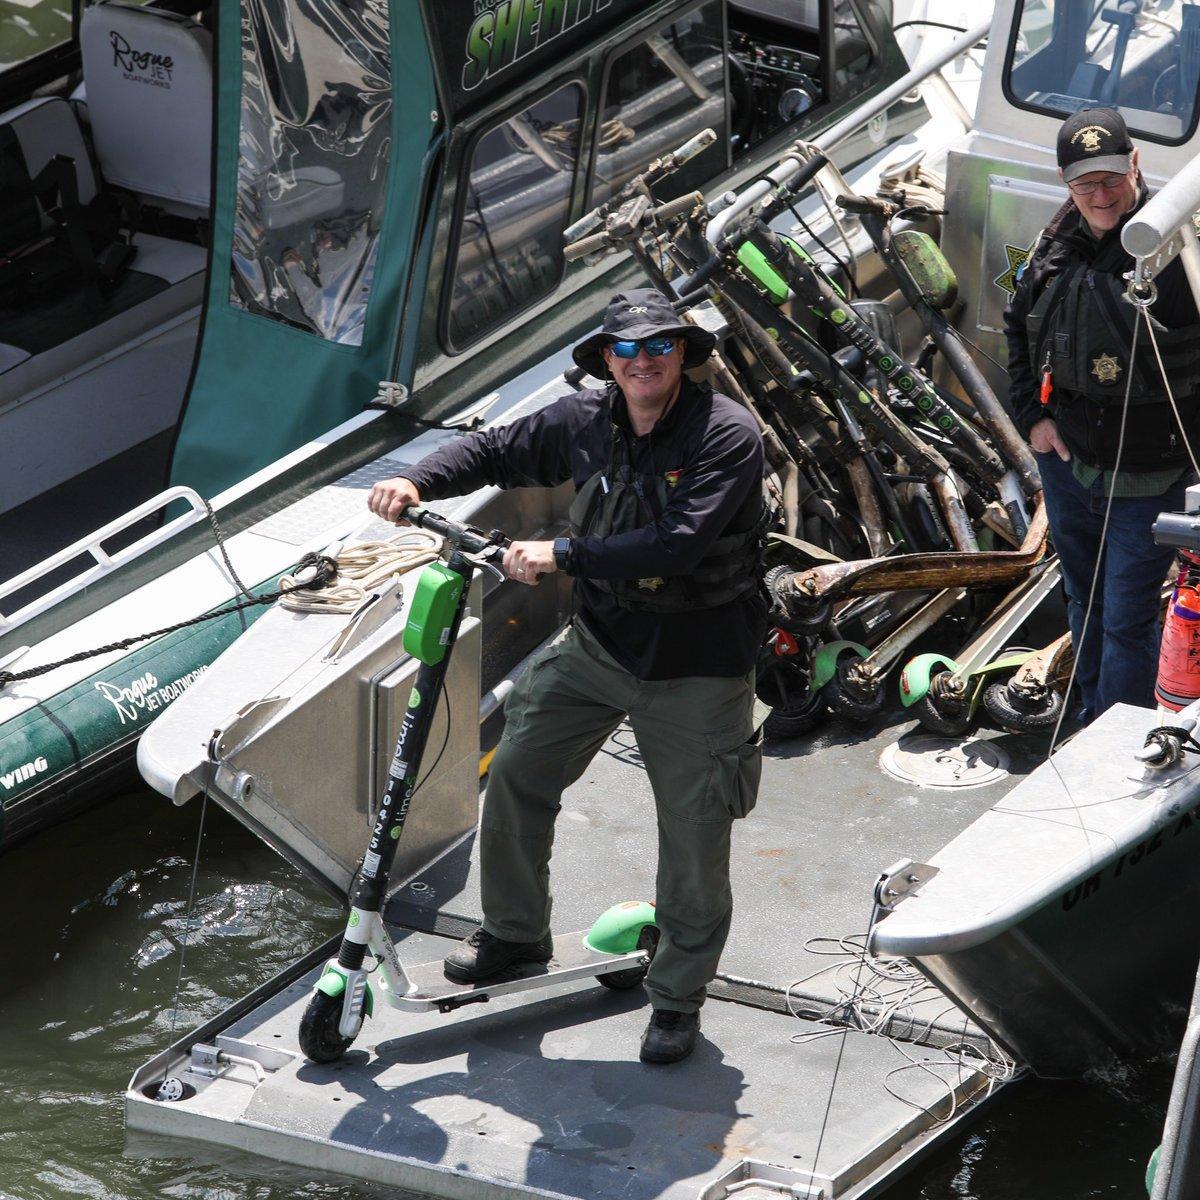 Вандализм по-американски: из реки вынули 57 прокатных электросамоката